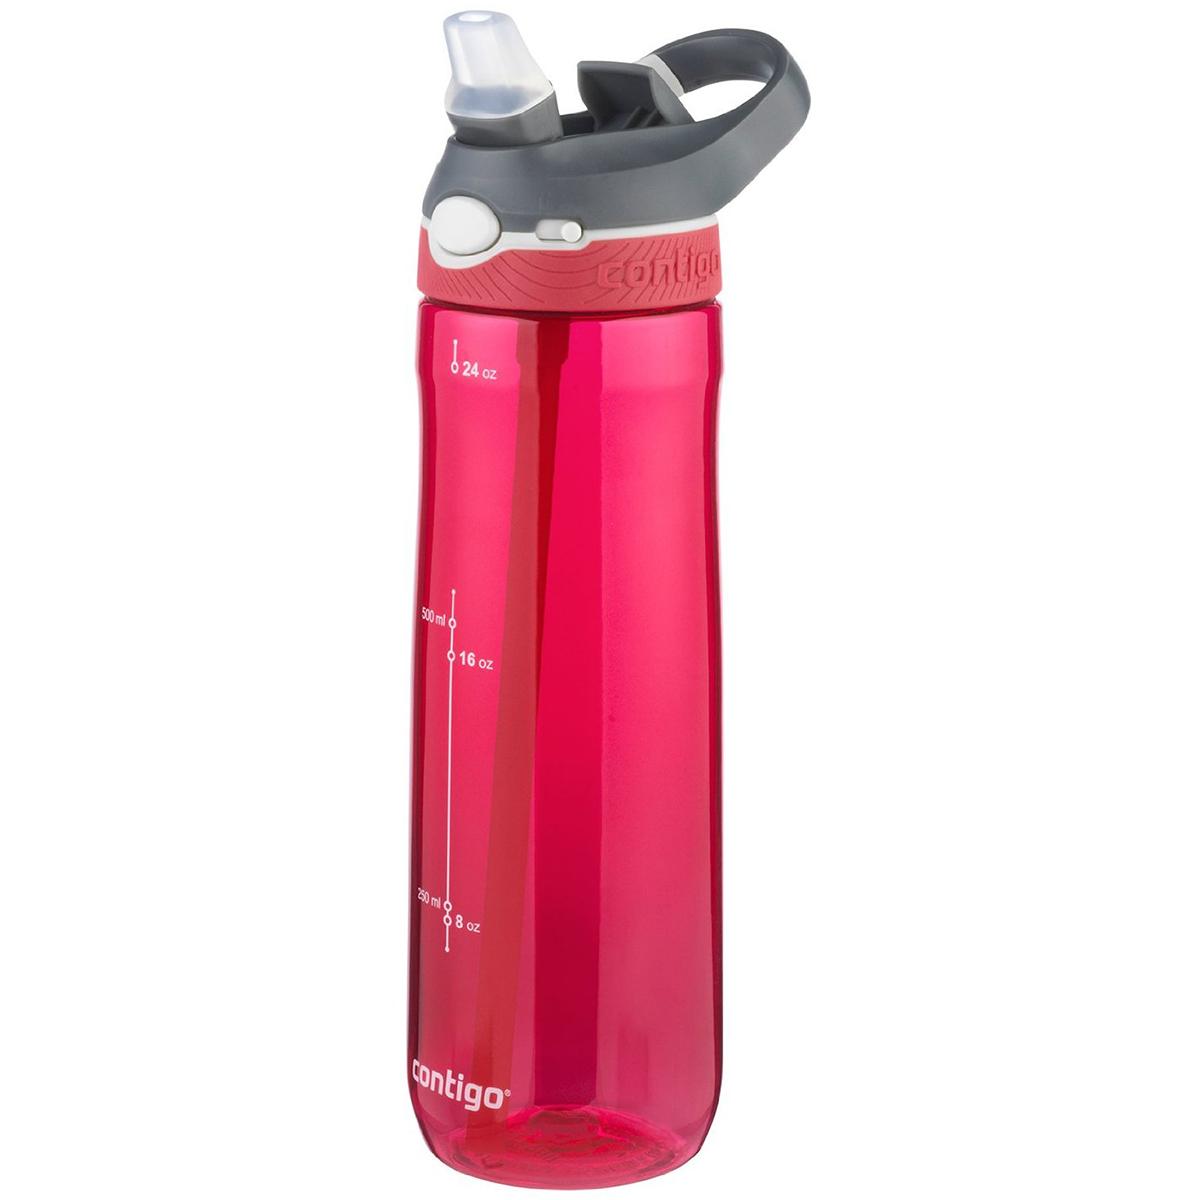 Contigo-24-oz-Ashland-Autospout-Water-Bottle 縮圖 28